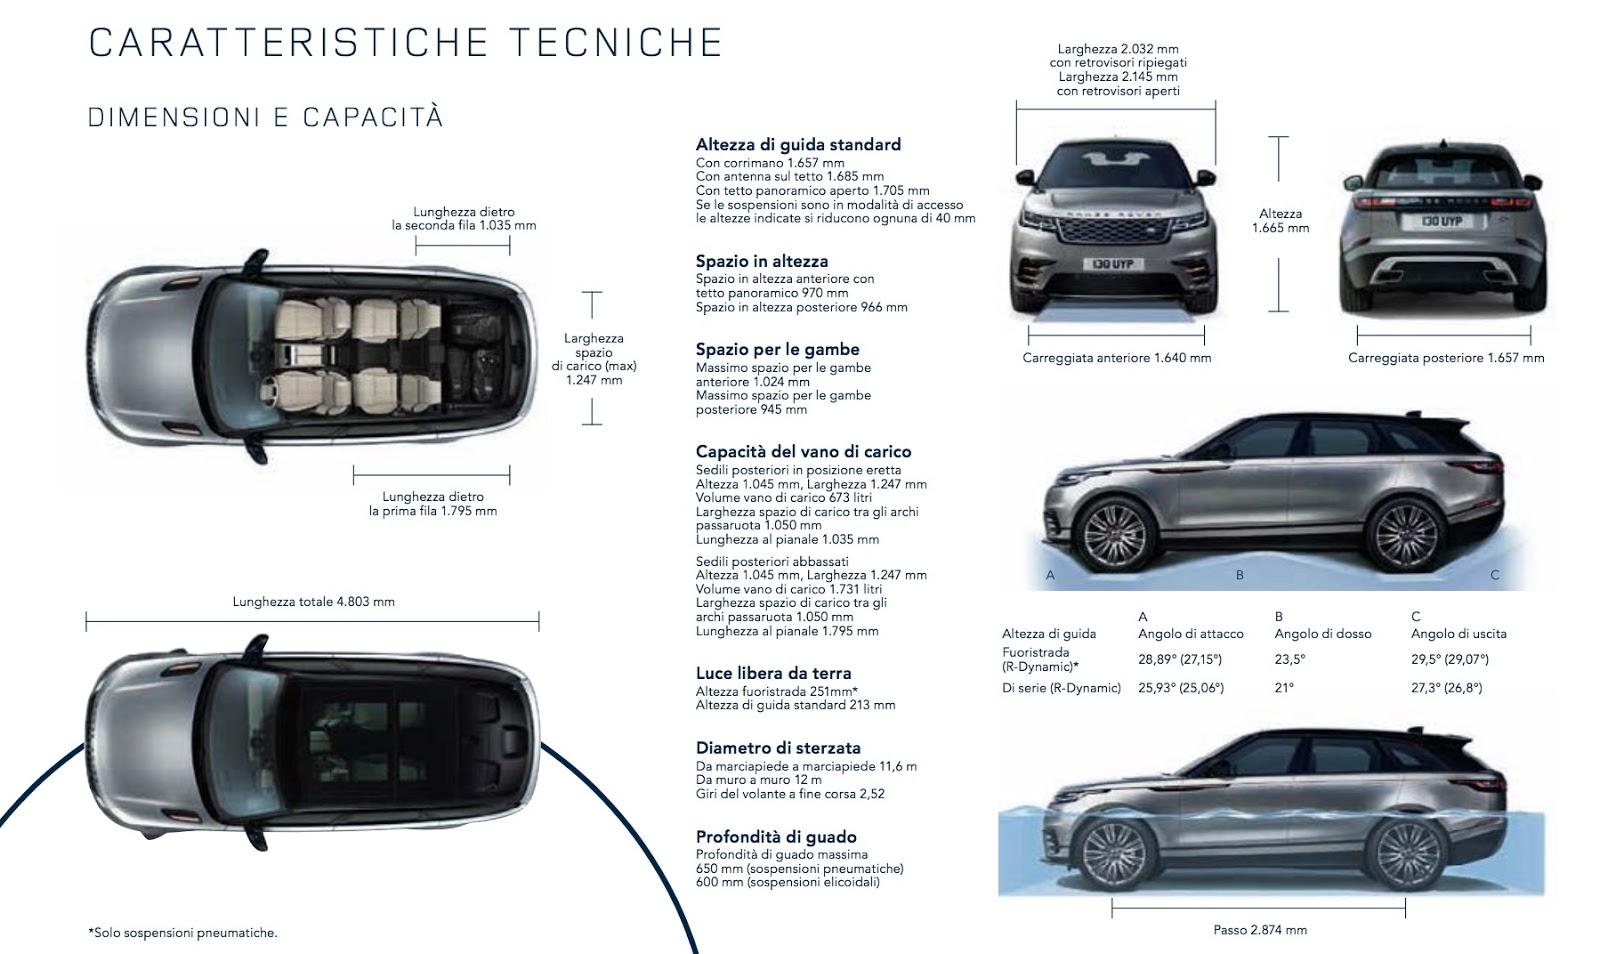 dimensioni range rover velar e misure, bagagliaio capacità schema tecnico